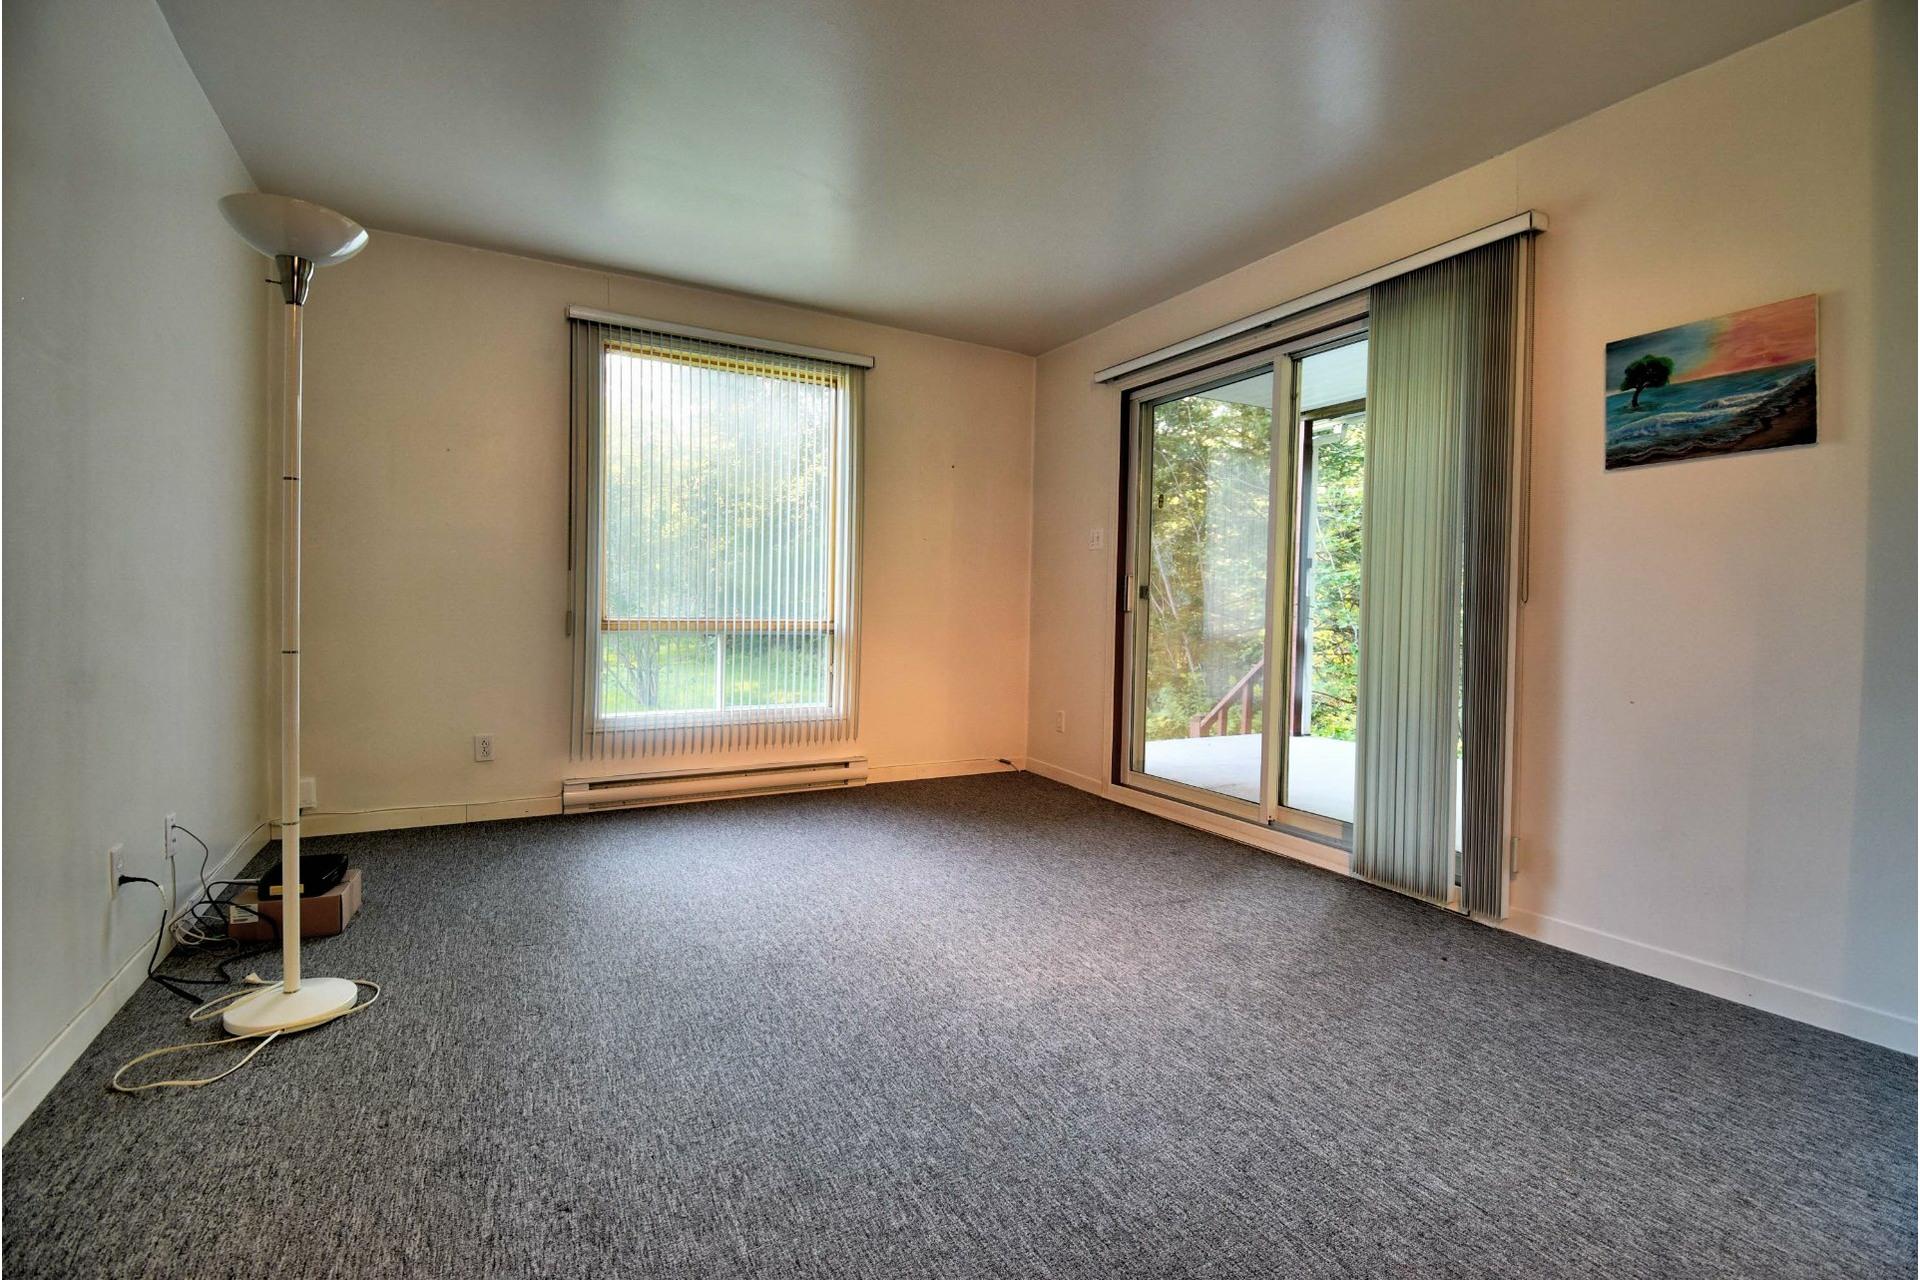 image 12 - House For sale Trois-Rivières - 6 rooms